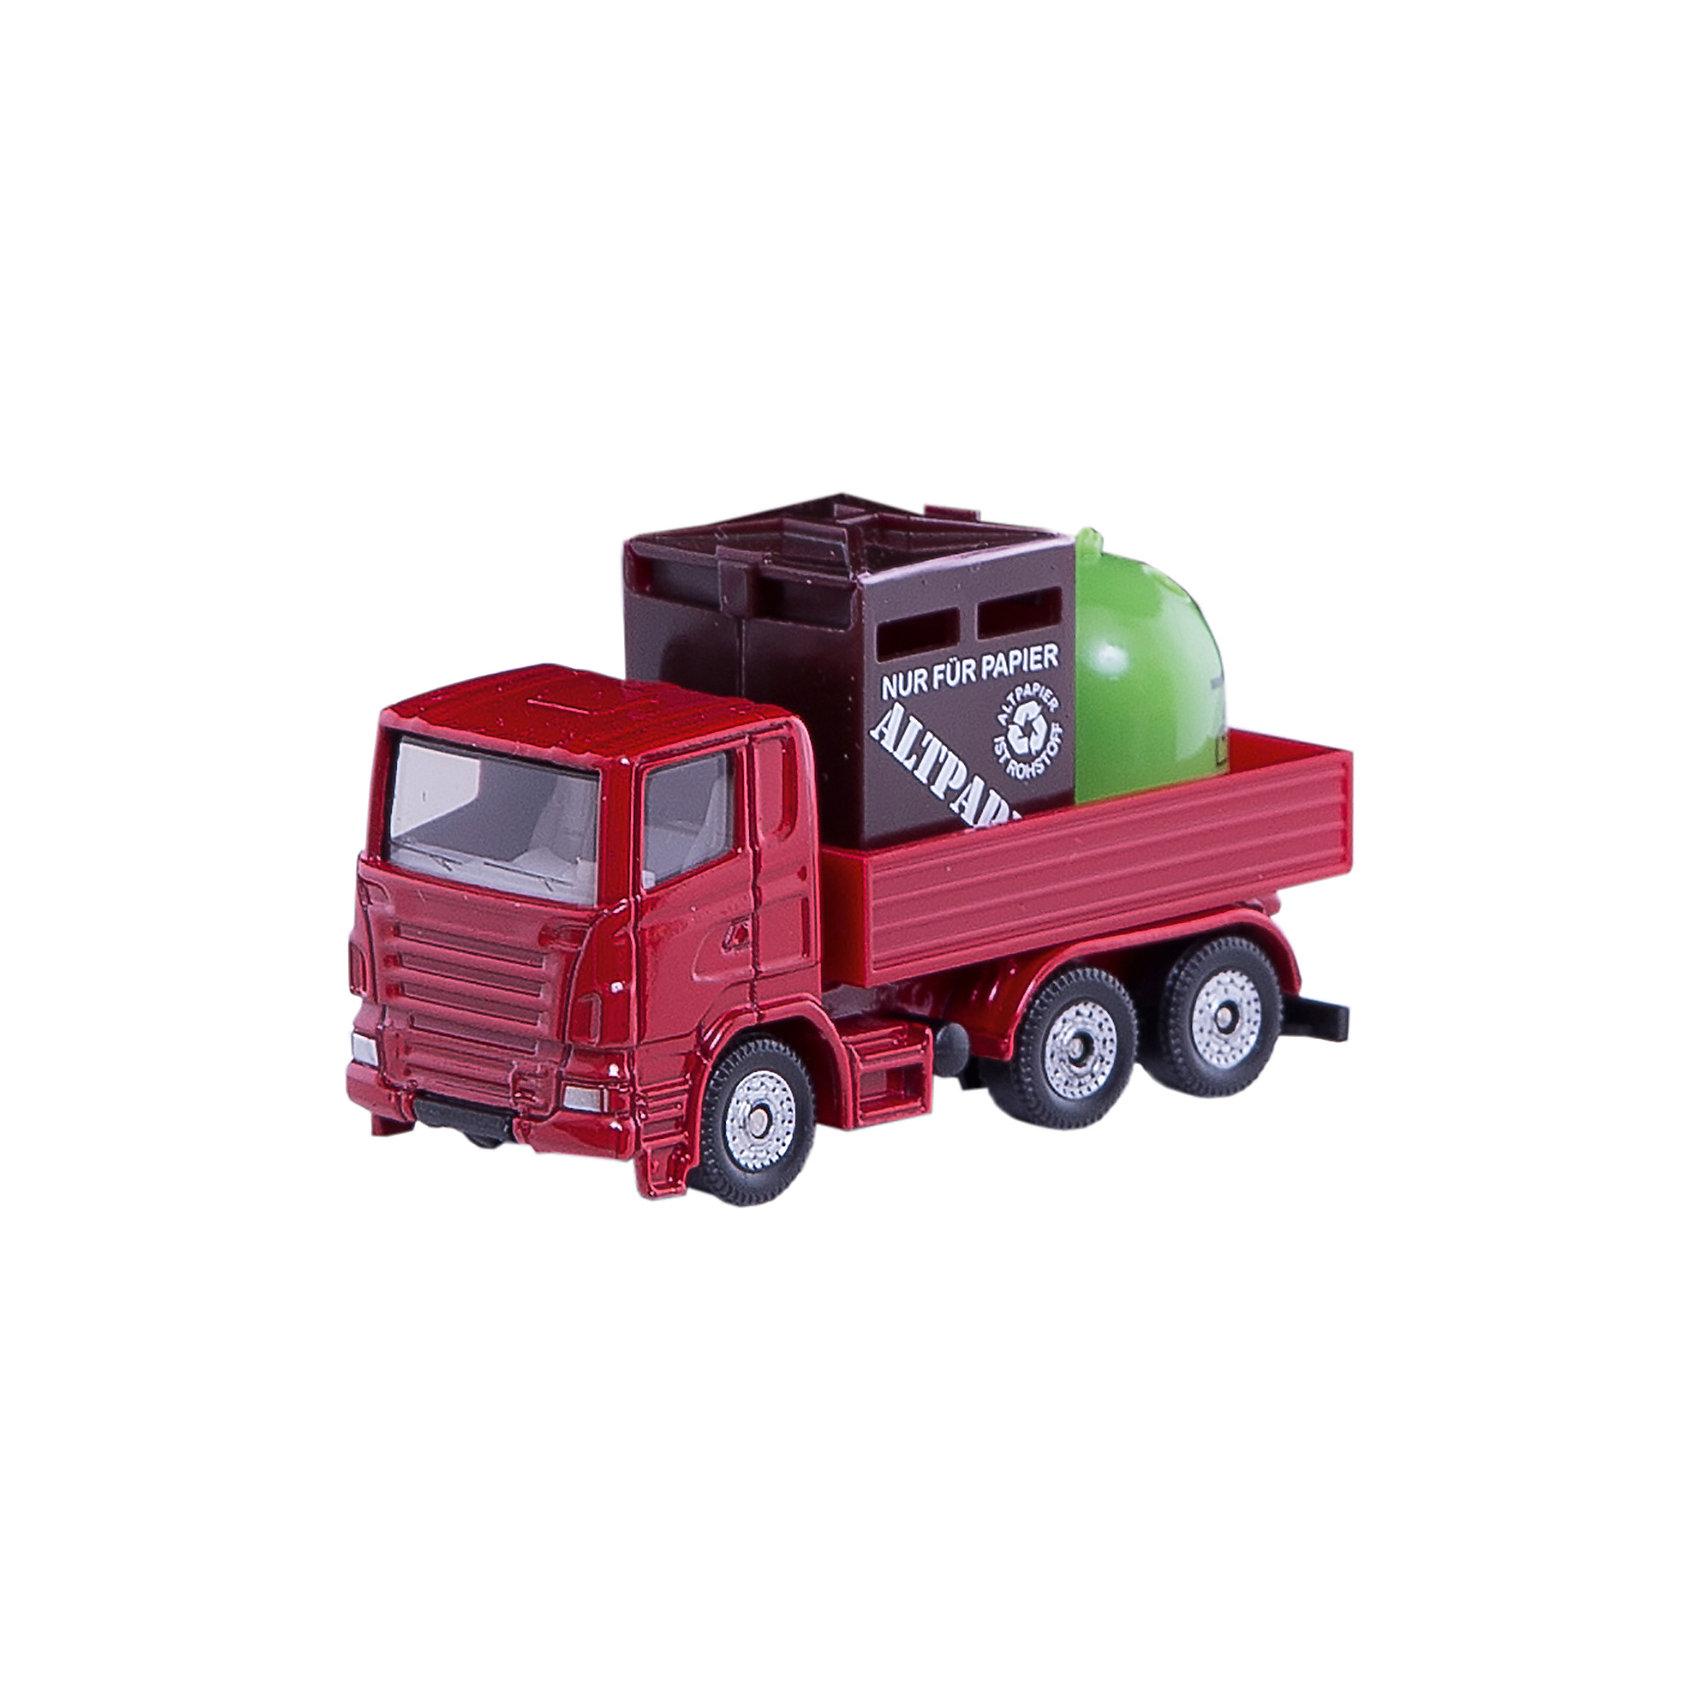 SIKU SIKU 0828 Грузовик с мусорными контейнерами siku siku 1007 bmw 645i cabrio